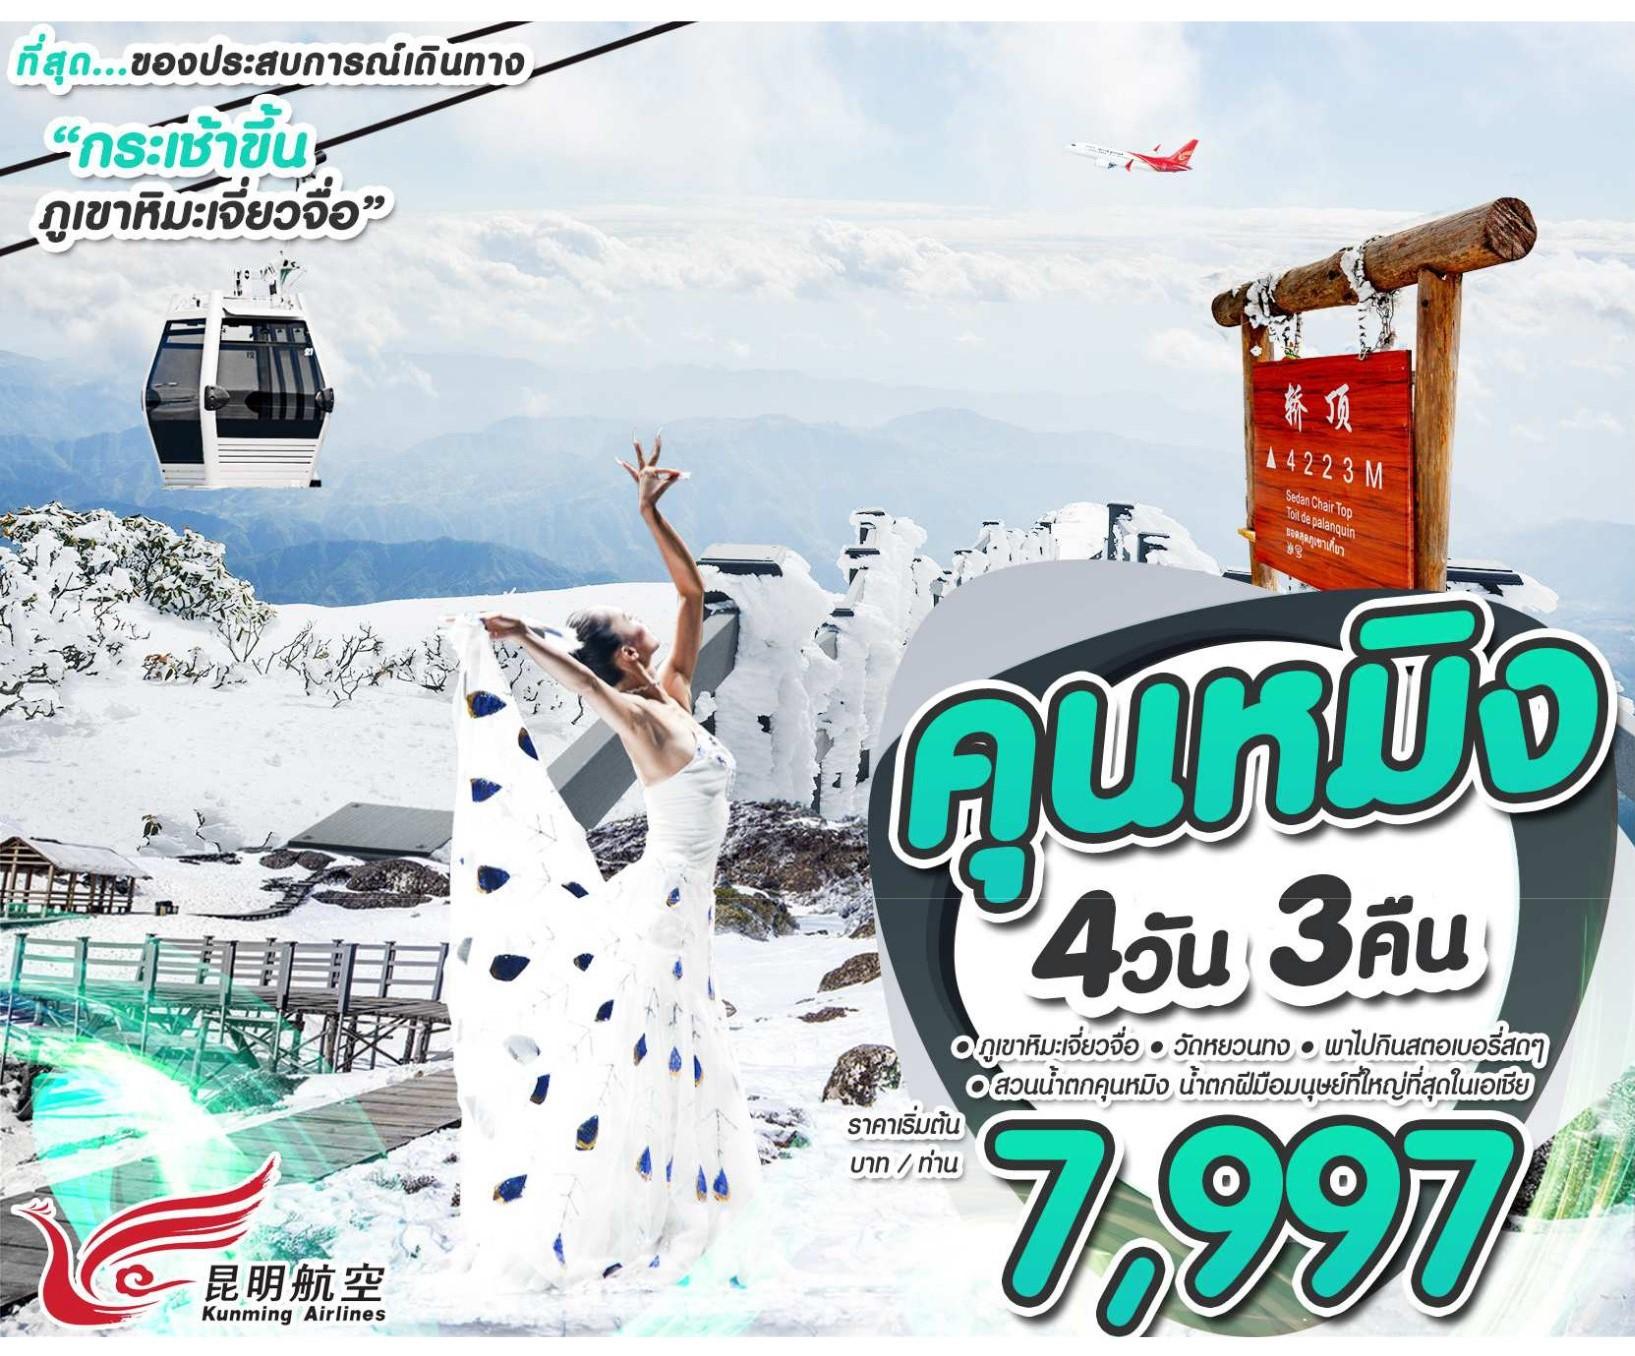 คุนหมิง ภูเขาหิมะเจียวจื่อ 4 วัน 3 คืน FEB (KY)